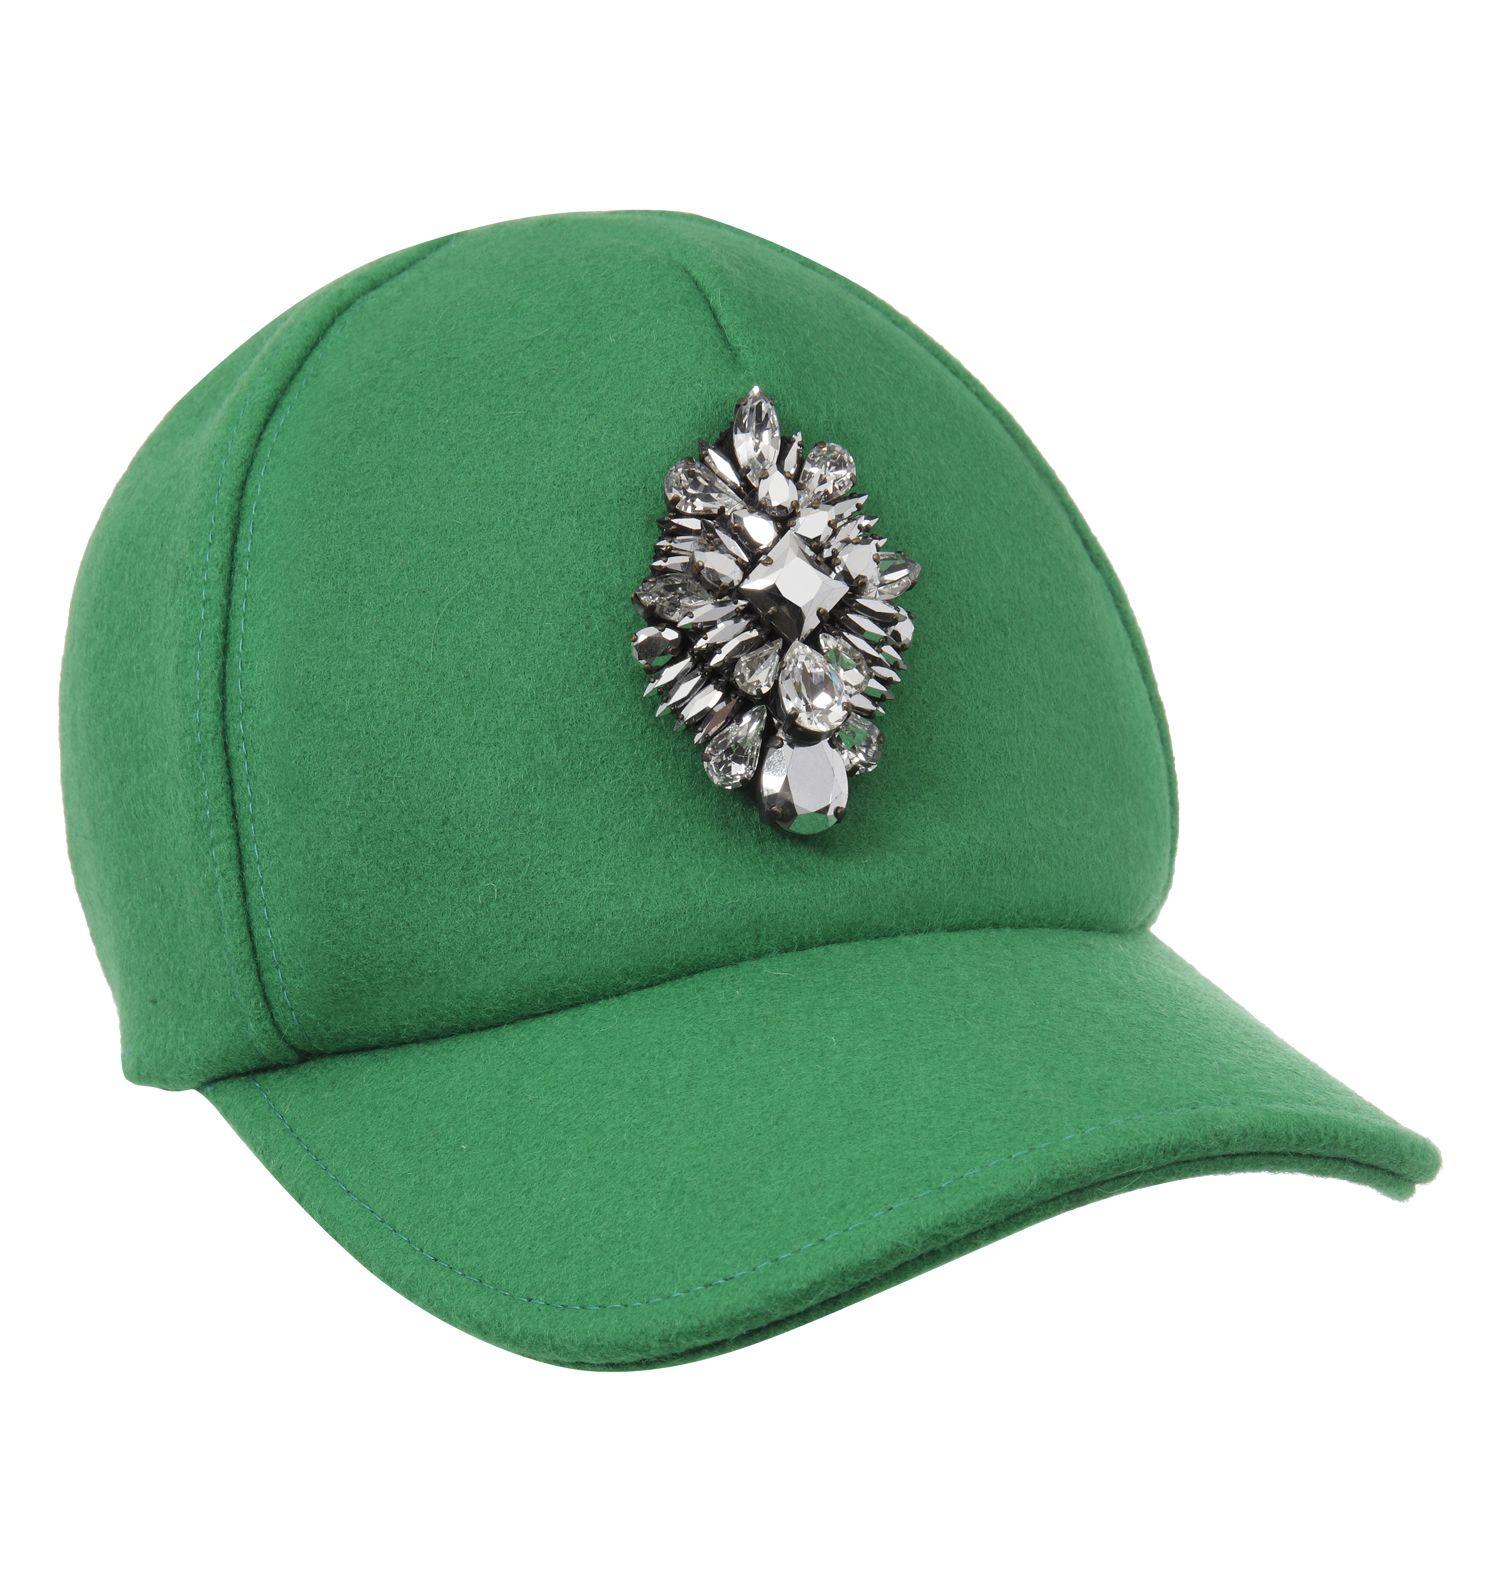 Verde Smeraldo Trend 2014Gli Accessori Primaveraestate lJKTcF1